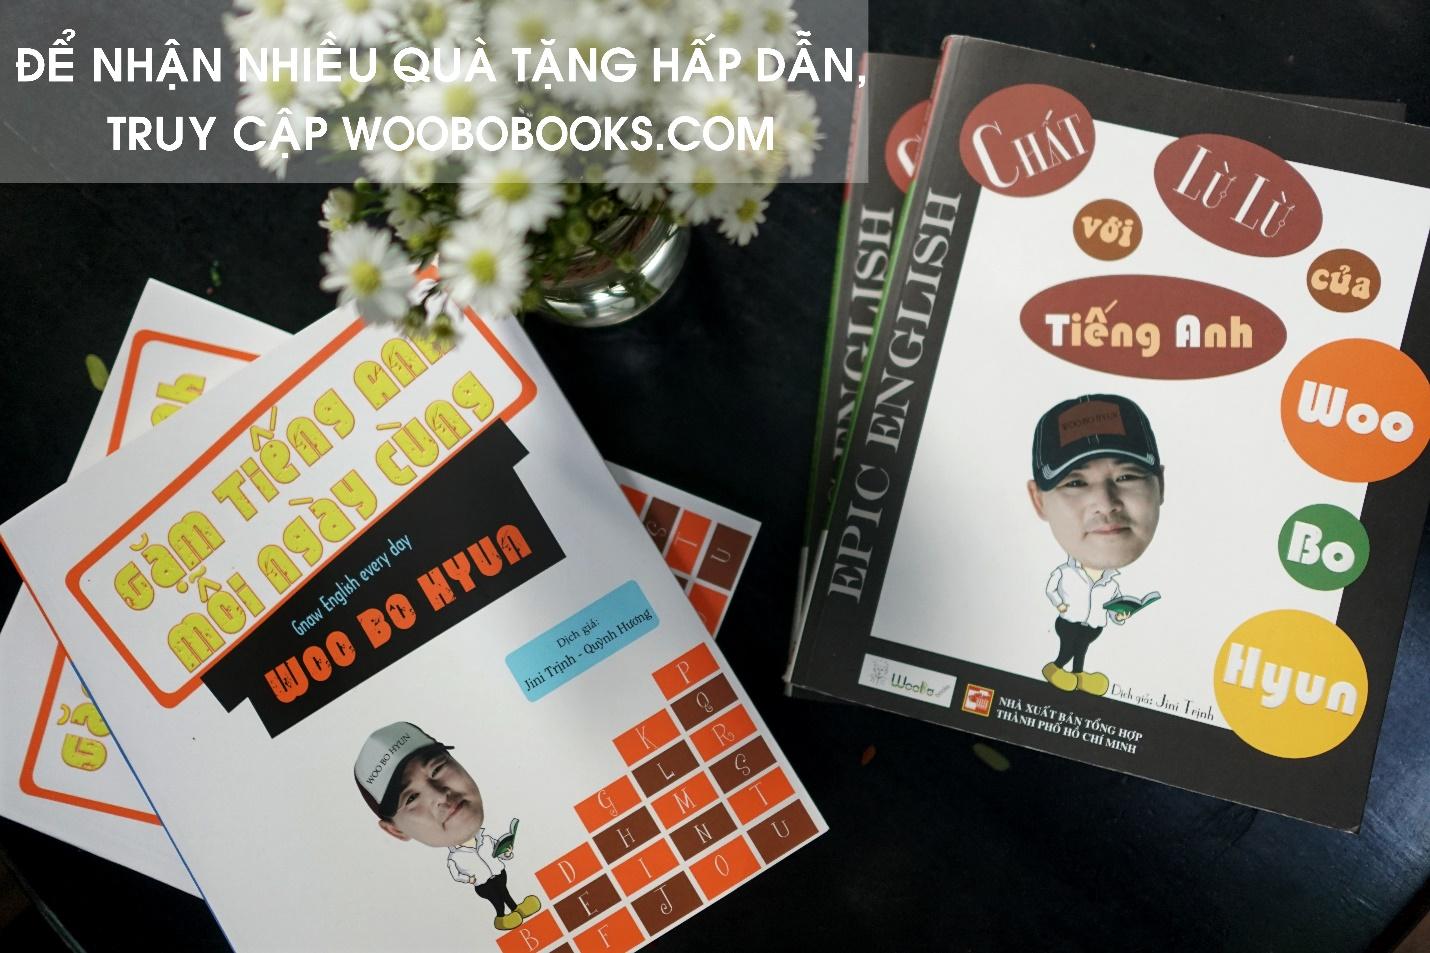 """Sao phim Hàn """"Gia Đình Là Số 1"""" phấn khích với quyển sách nào ở Việt Nam? - Ảnh 6."""